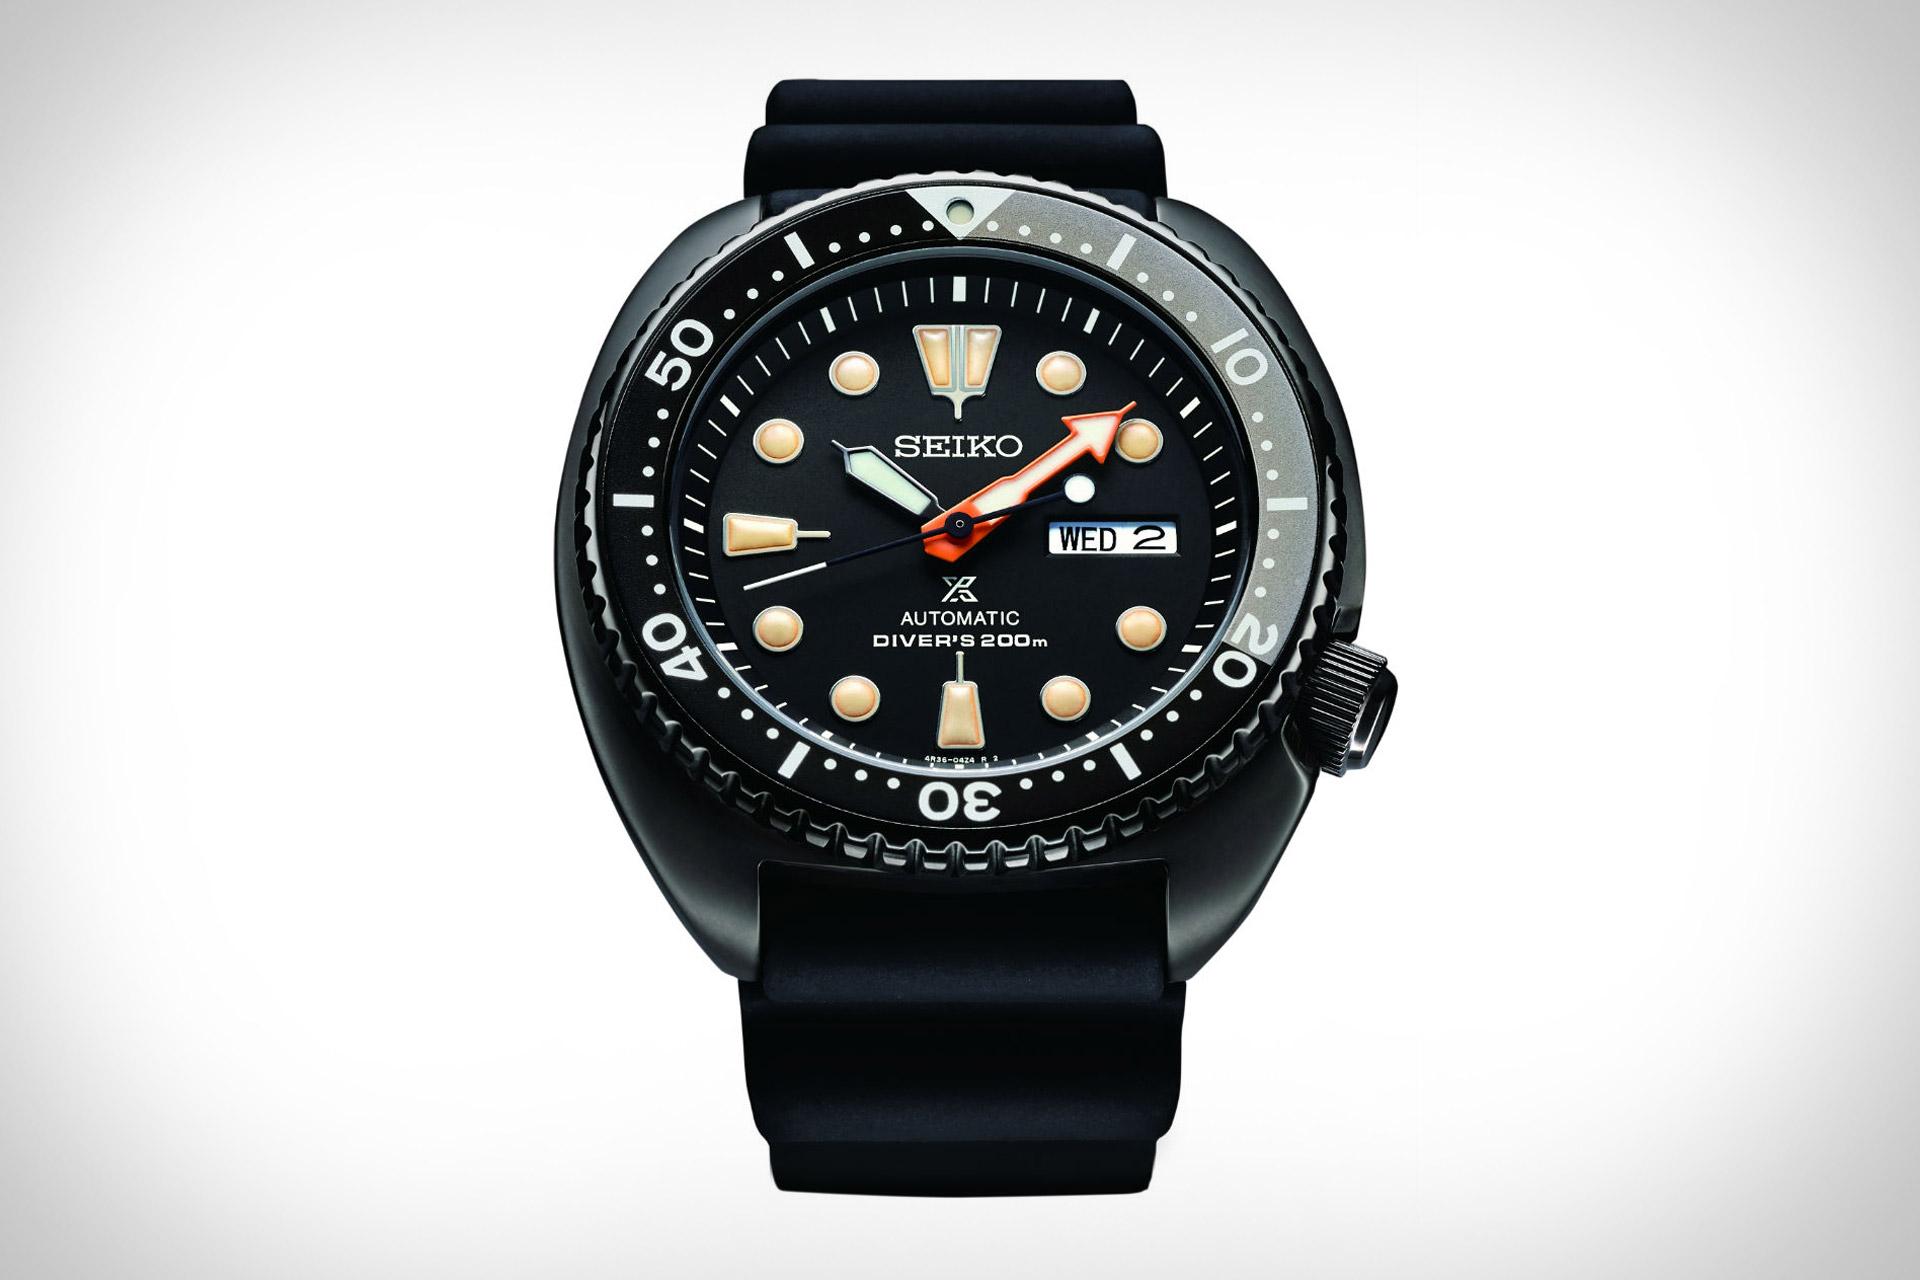 Seiko Prospex Black Series Watches